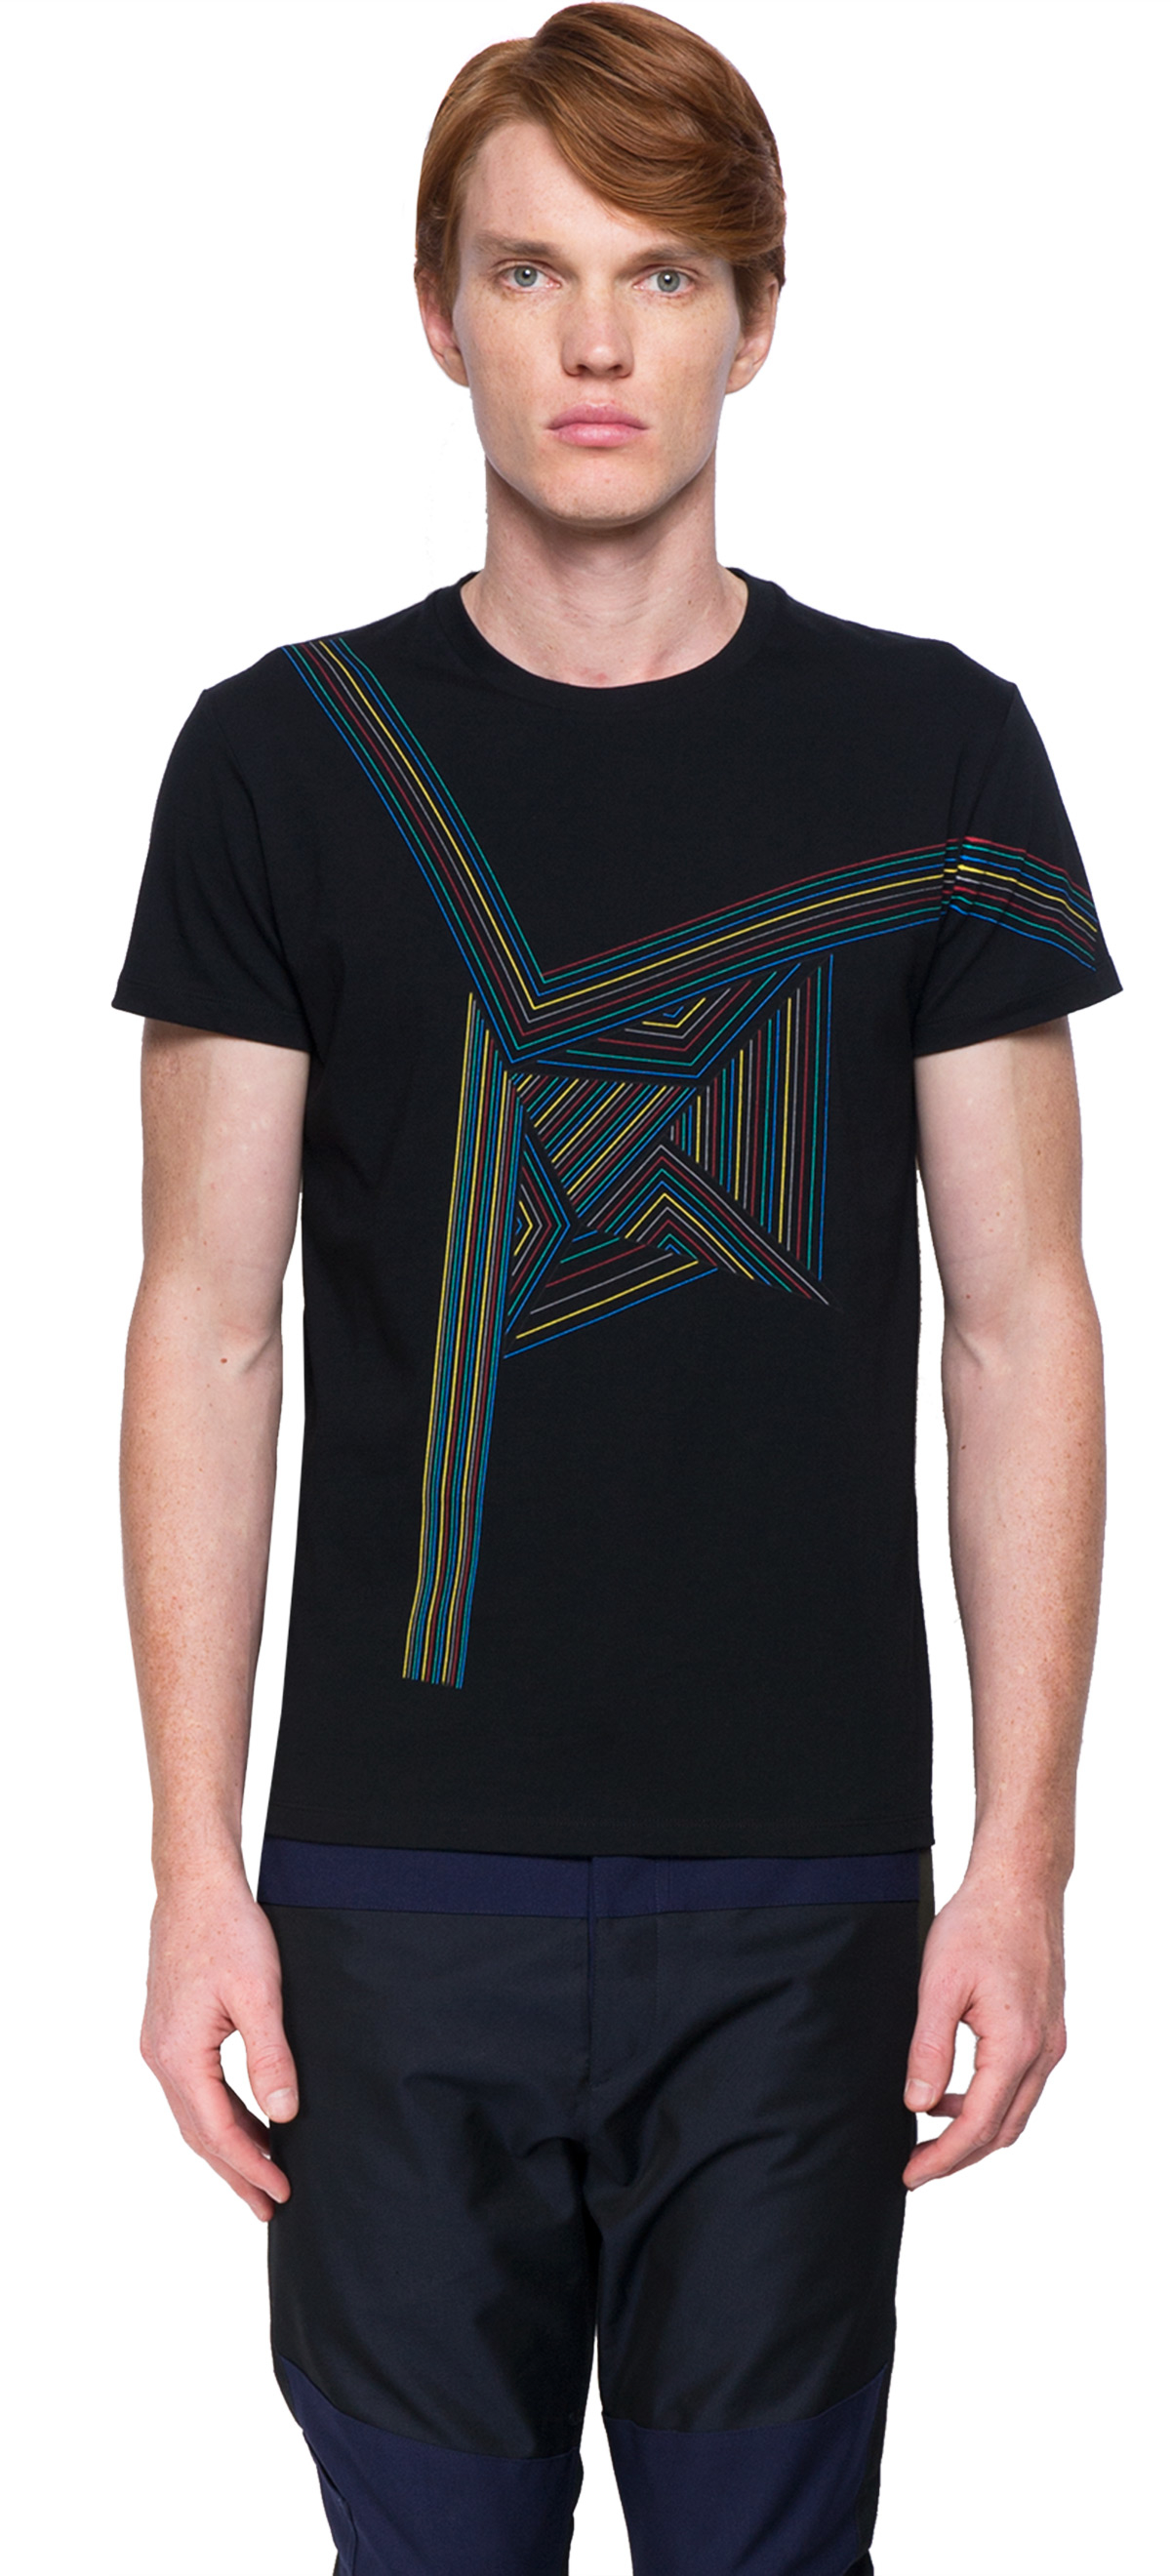 Jil sander short sleeves t shirt in black for men lyst for Jil sander mens shirt